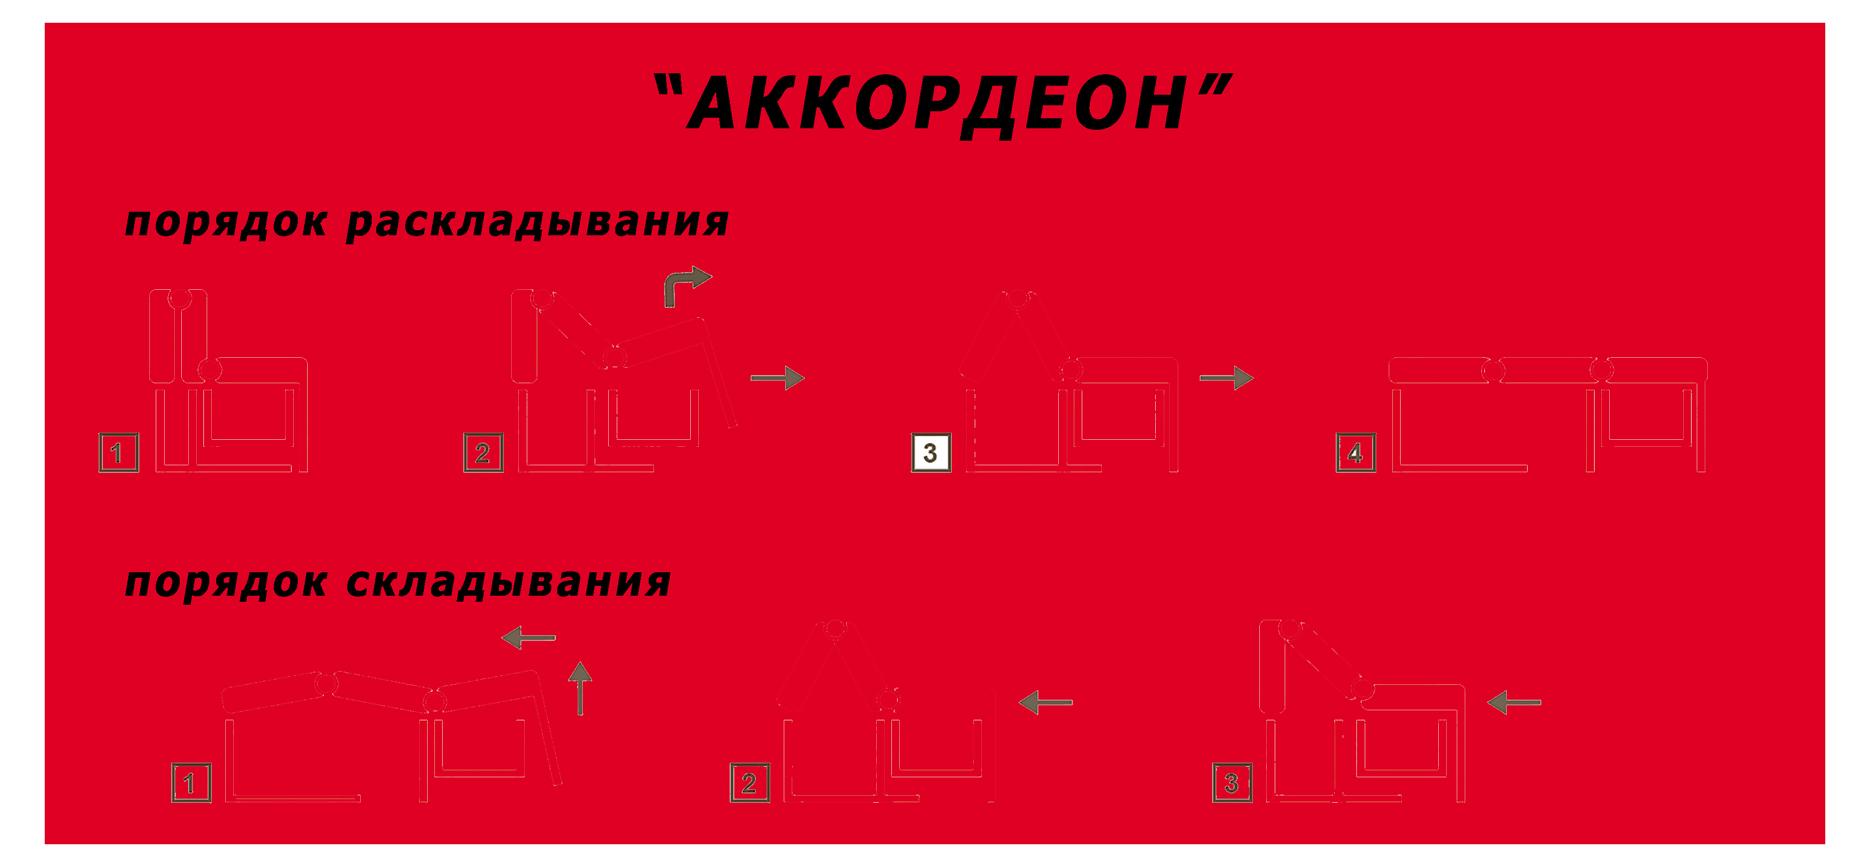 Диван аккордеон механизм сборка схема